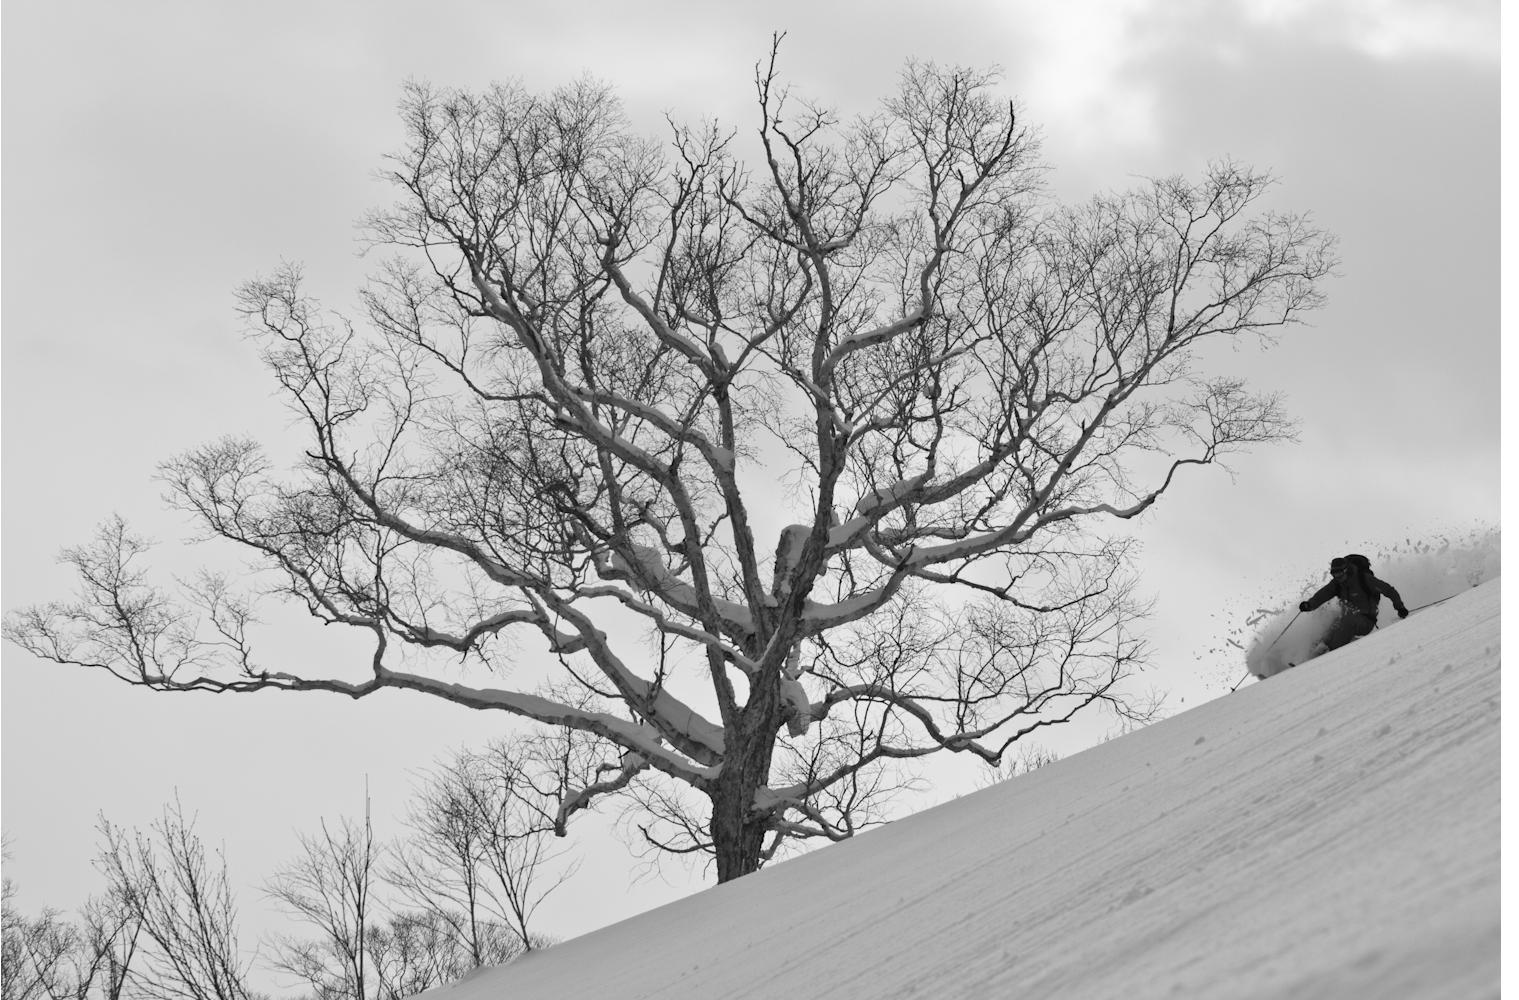 Stevie Brawwn, Hokkaido, Japan